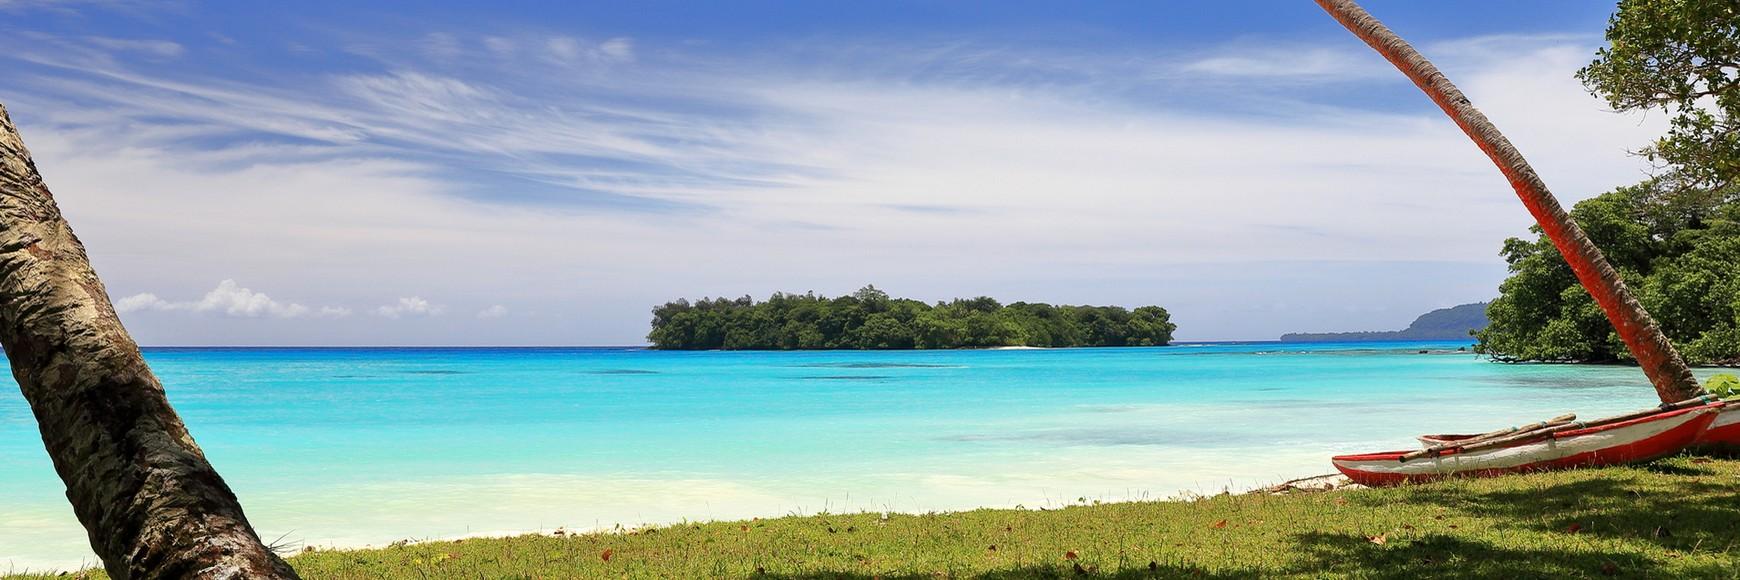 noleggio catamarani Vanuatu